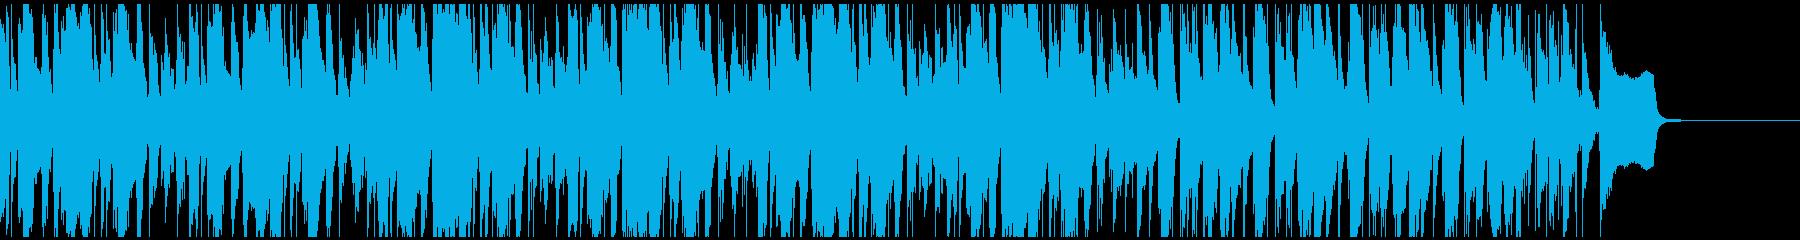 ショート版ダラーっとした日常の曲の再生済みの波形